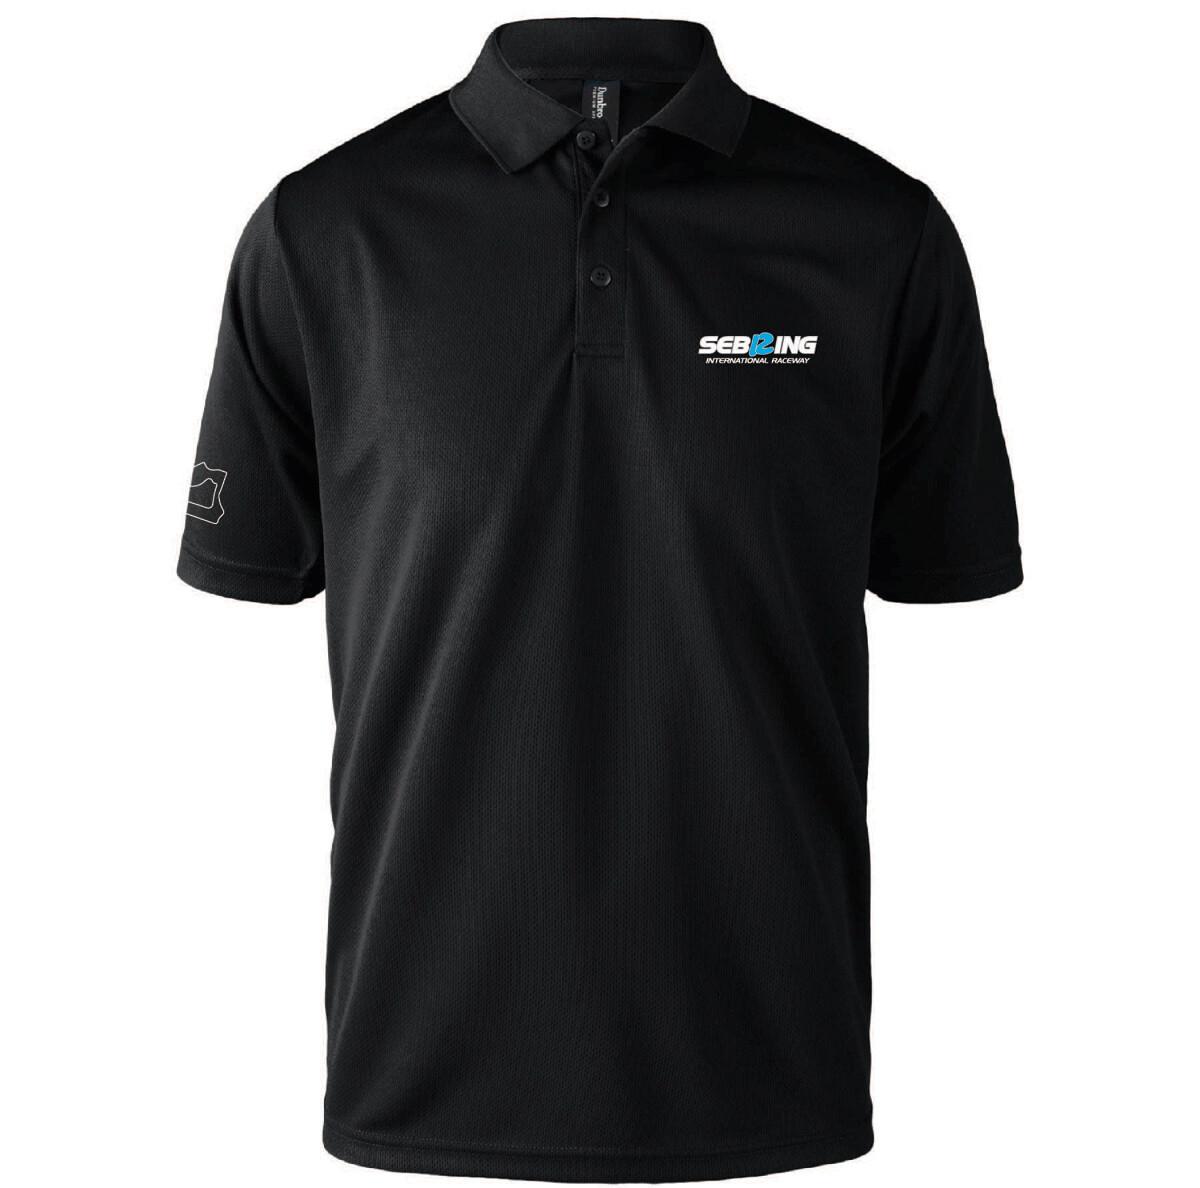 Sebring Dri-Mesh Men's Polo - Black